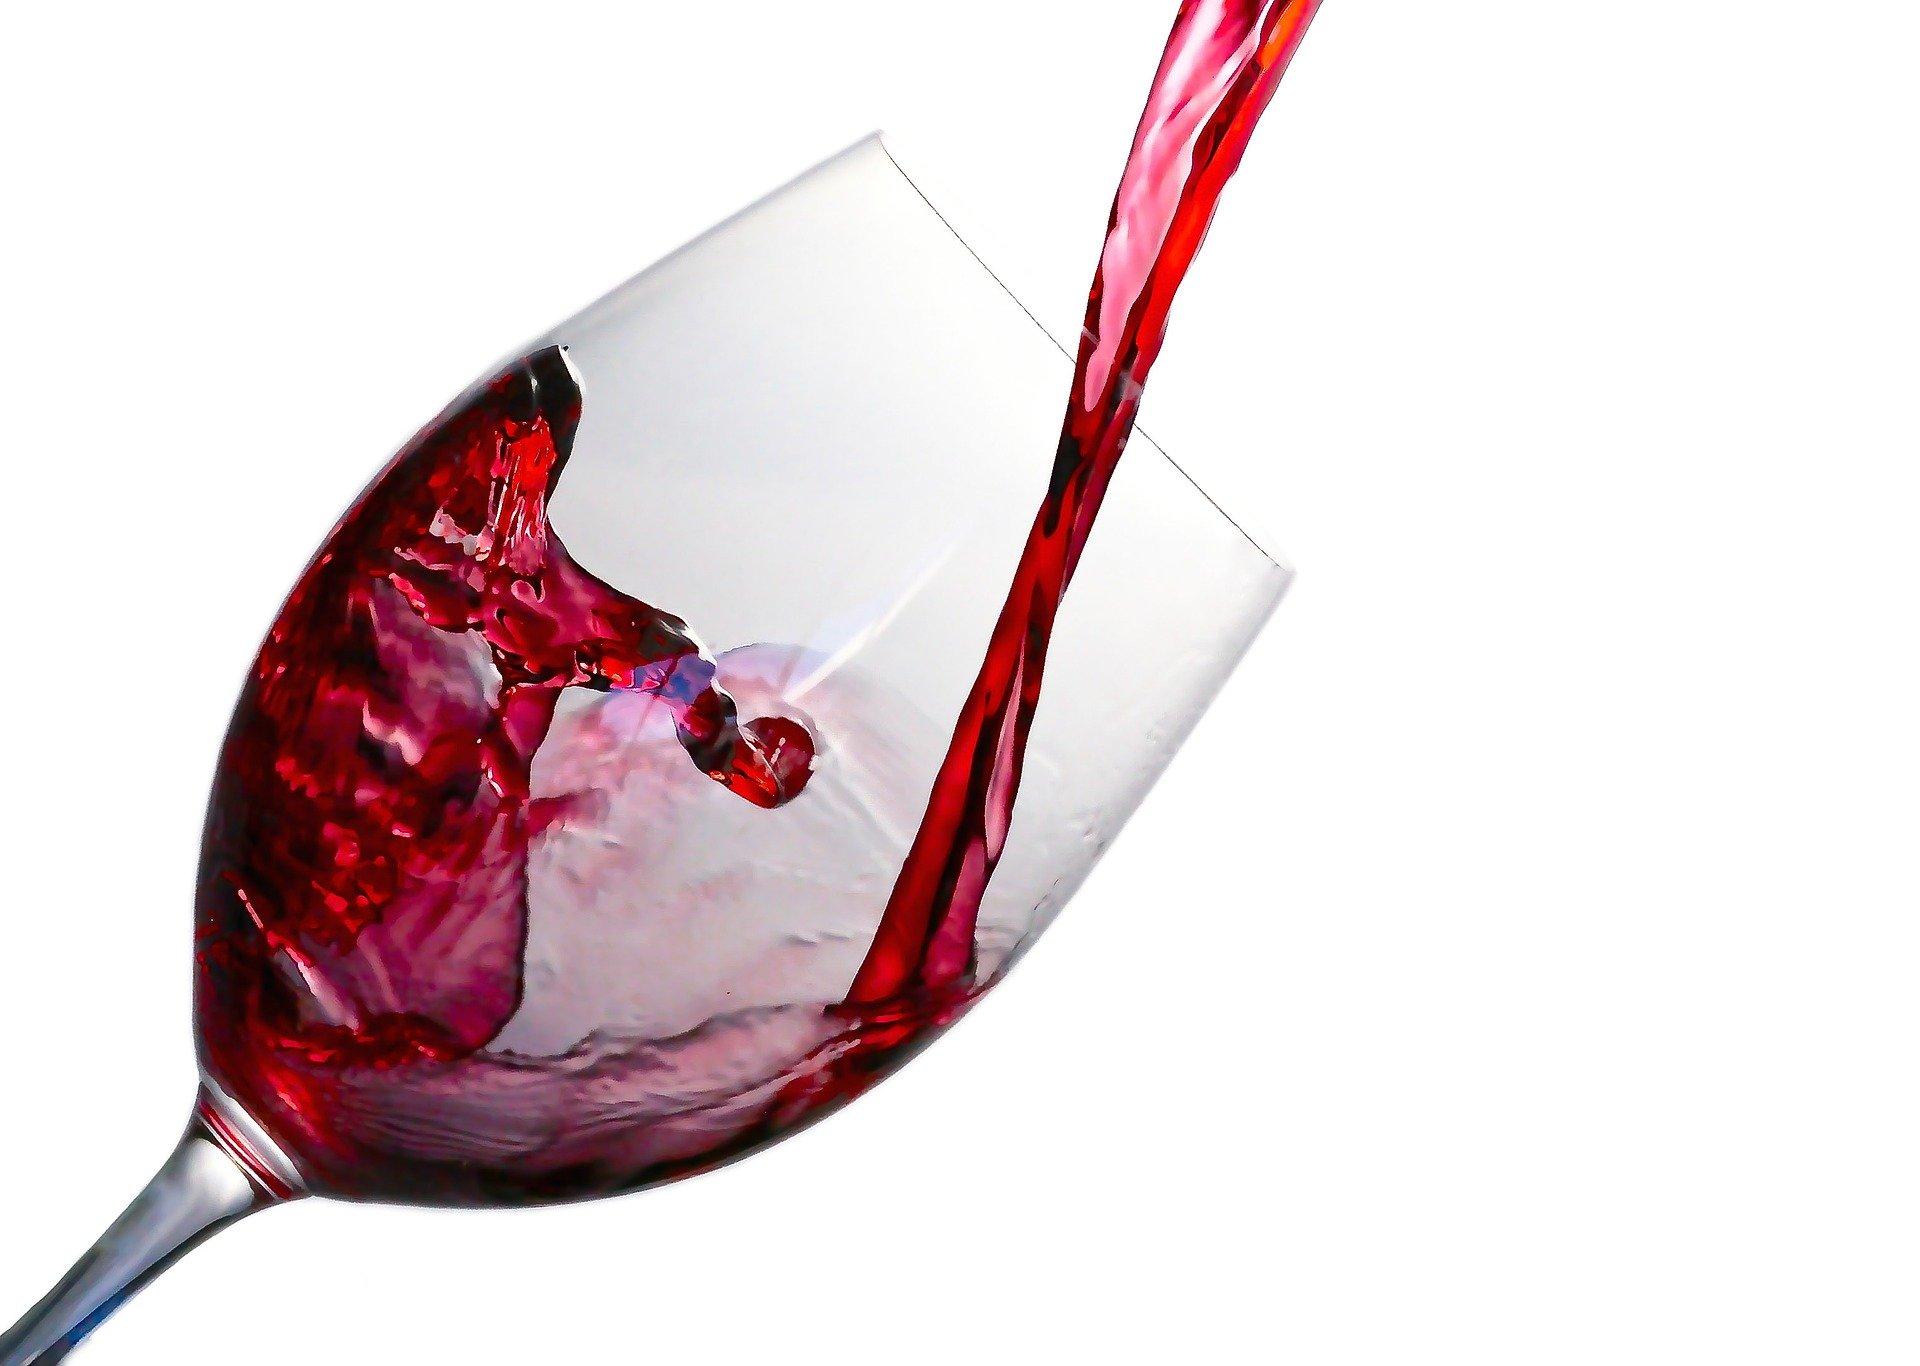 Co s vaším tělem udělá sklenka vína? Podporuje hubnutí?